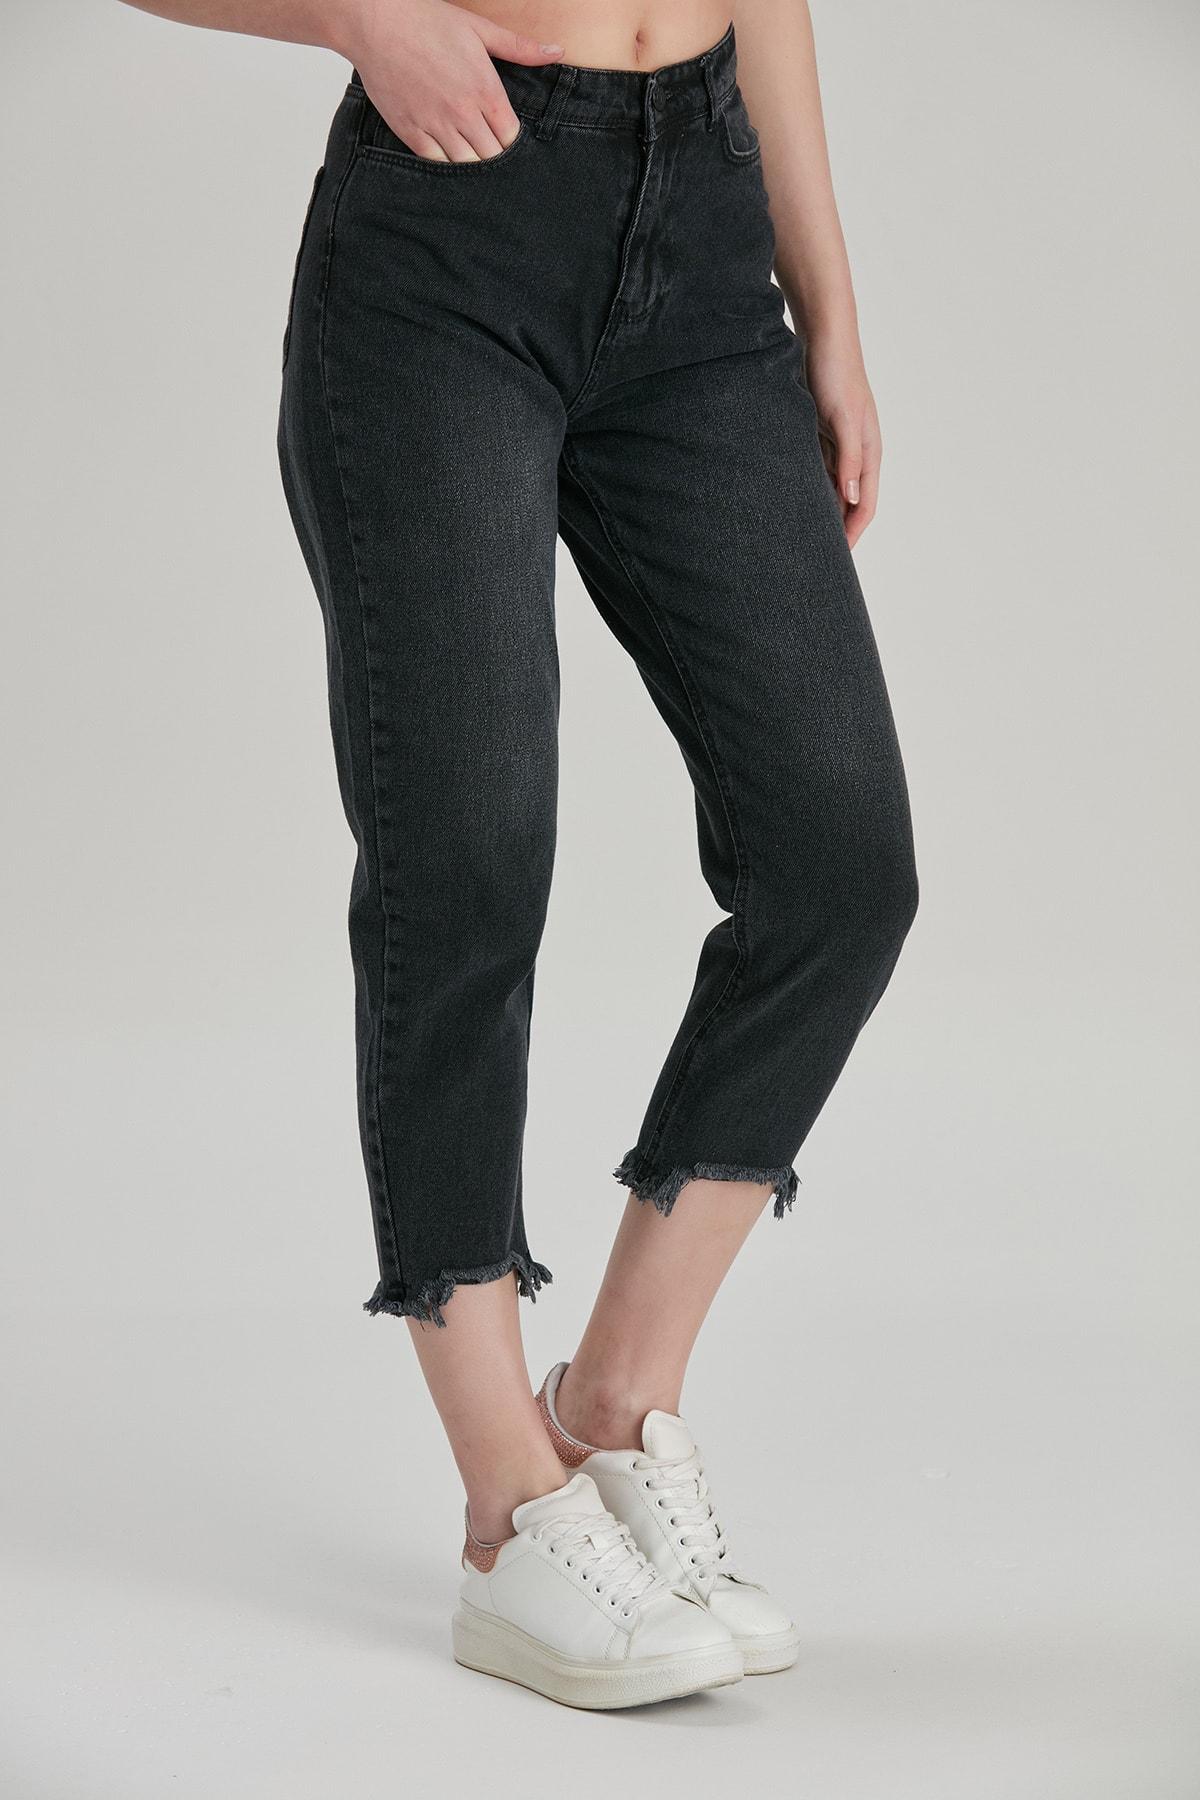 Modaca Kadın Siyah Mom Style Paça Püskül Detay Jean 2